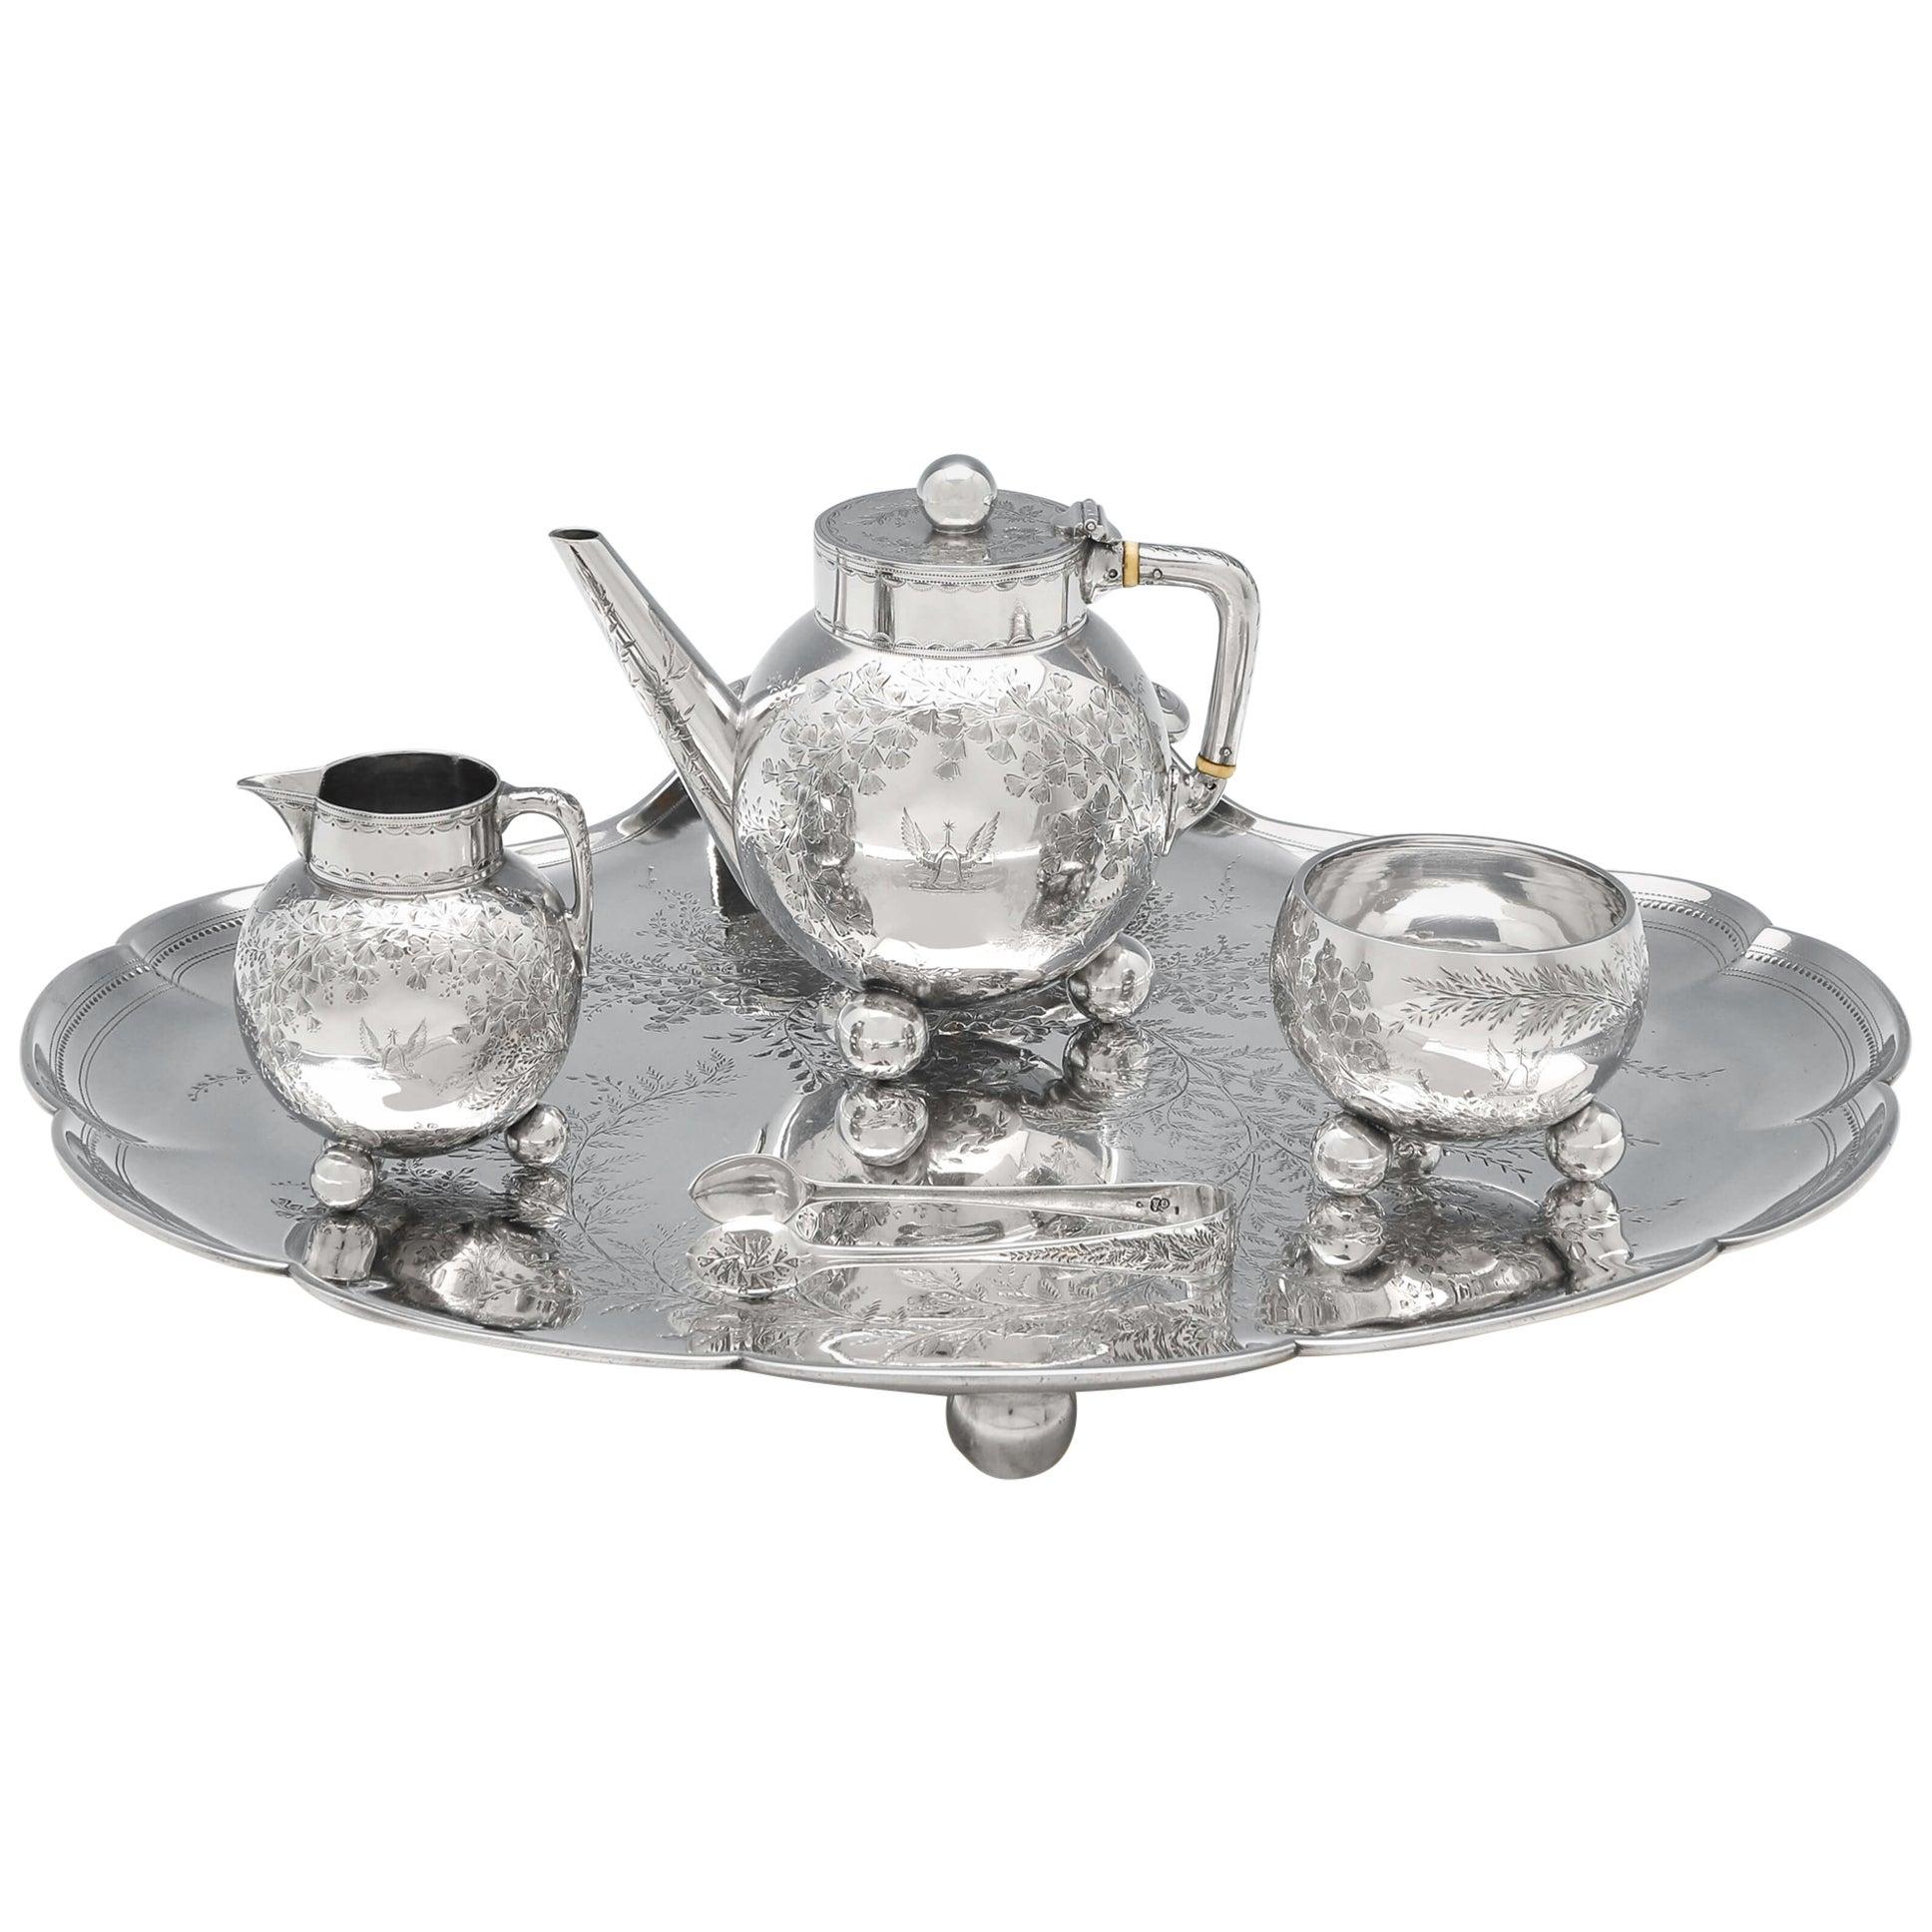 Christopher Dresser Design Antique Sterling Silver Tea Set on Tray by Elkington